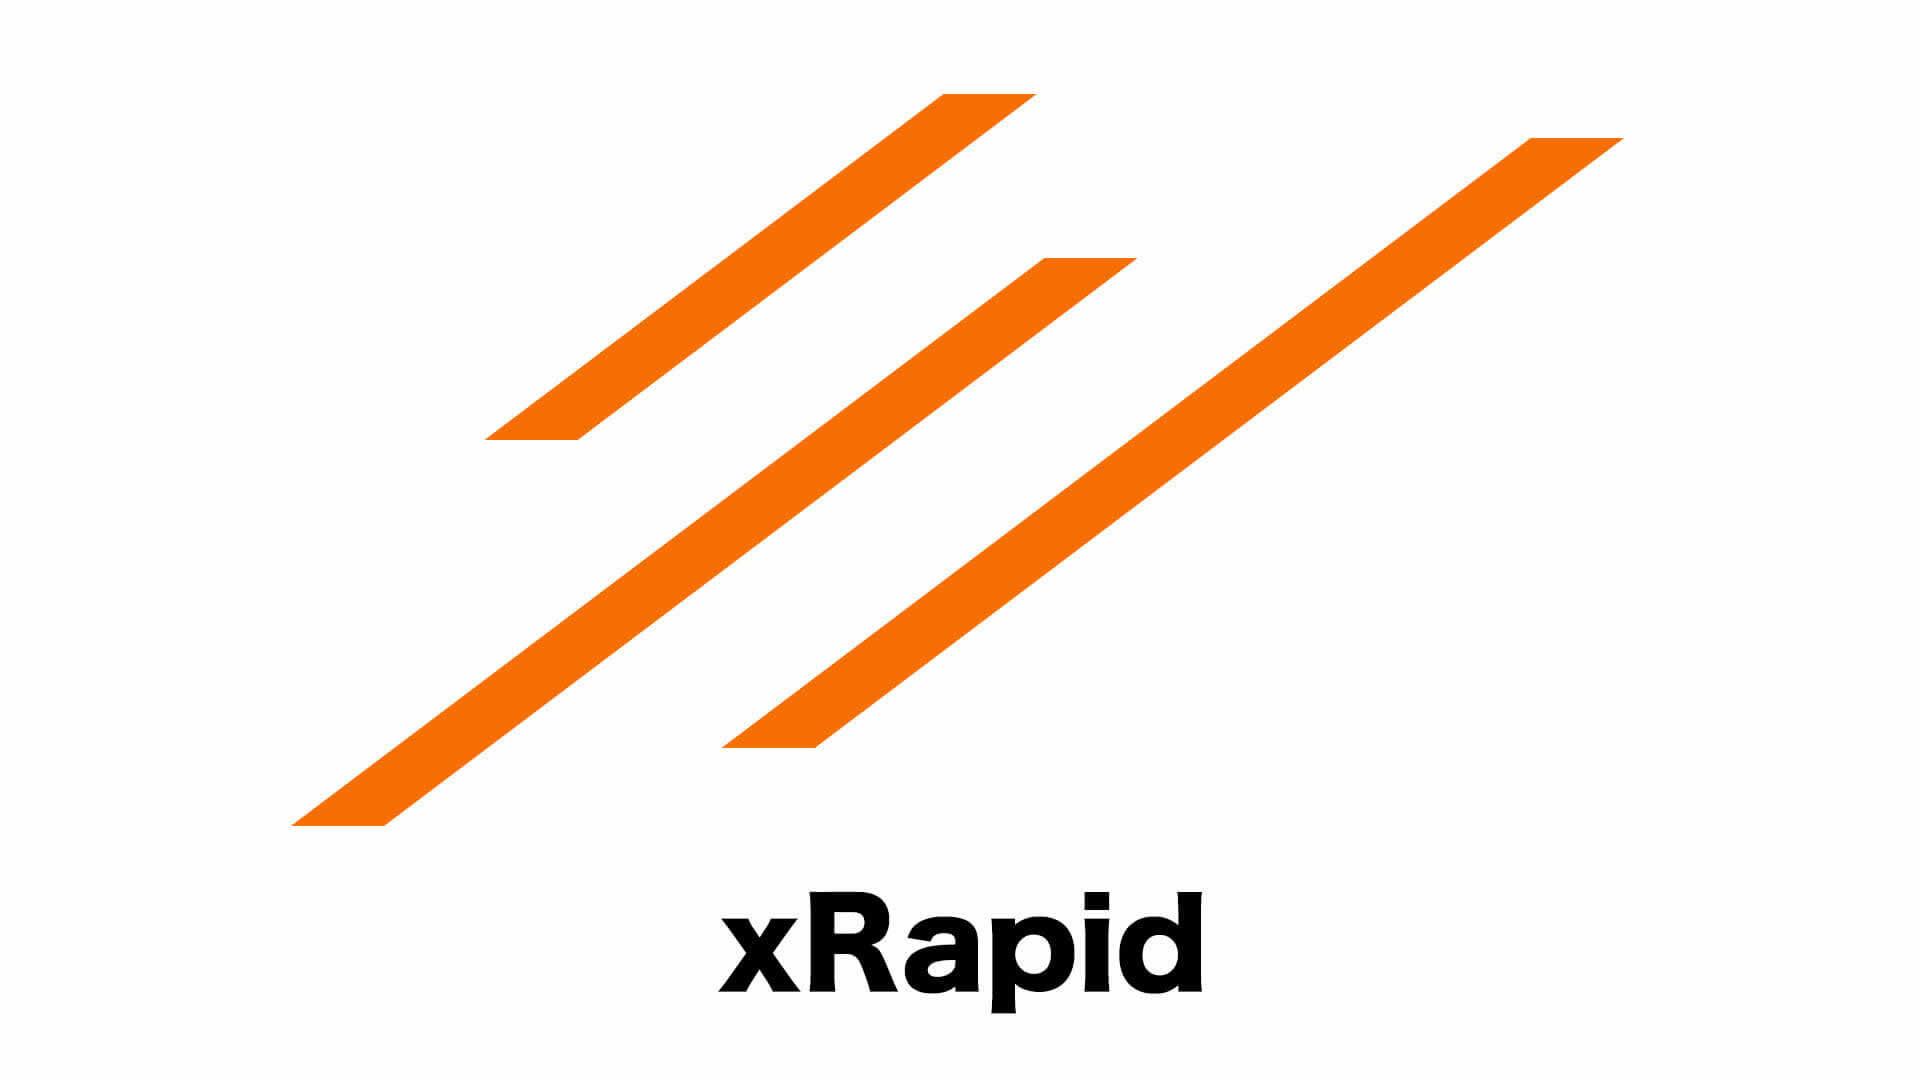 XRPを活用!リップル社の国際送金システム「xRapid」とは?